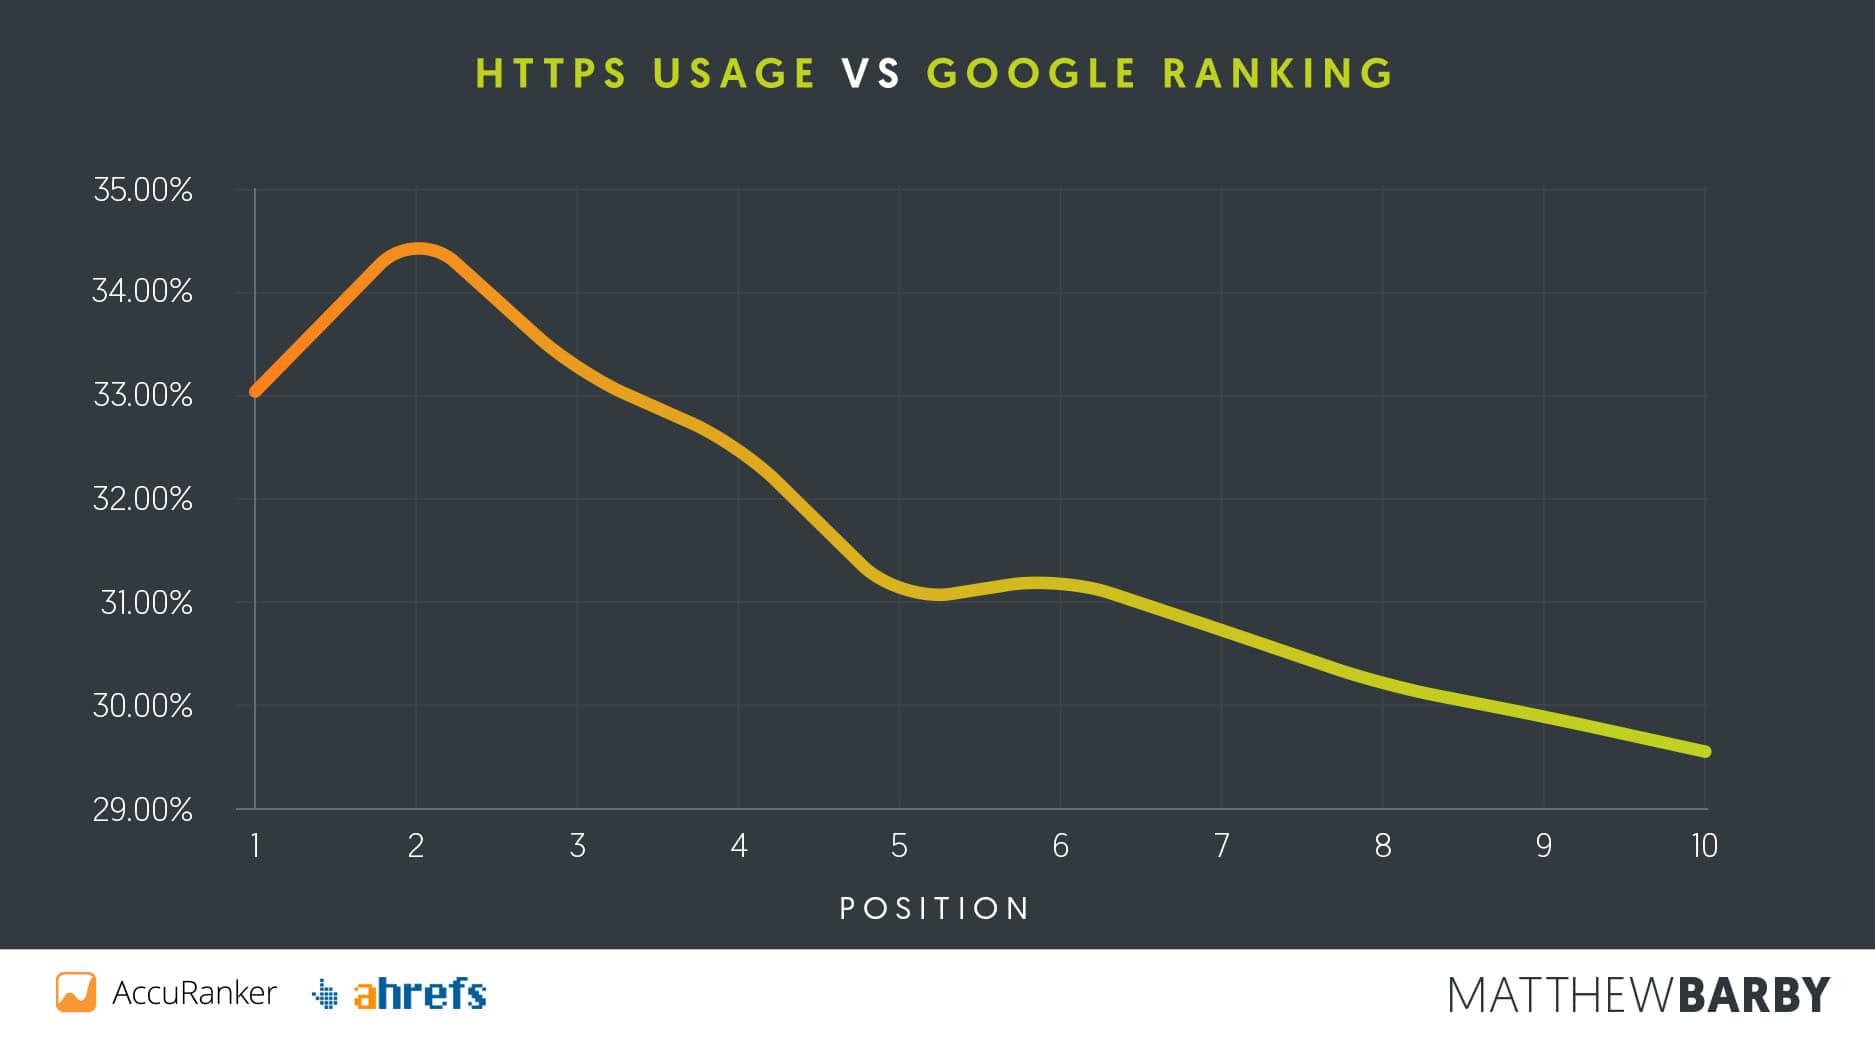 HTTPSの使用率対Googleのランキング